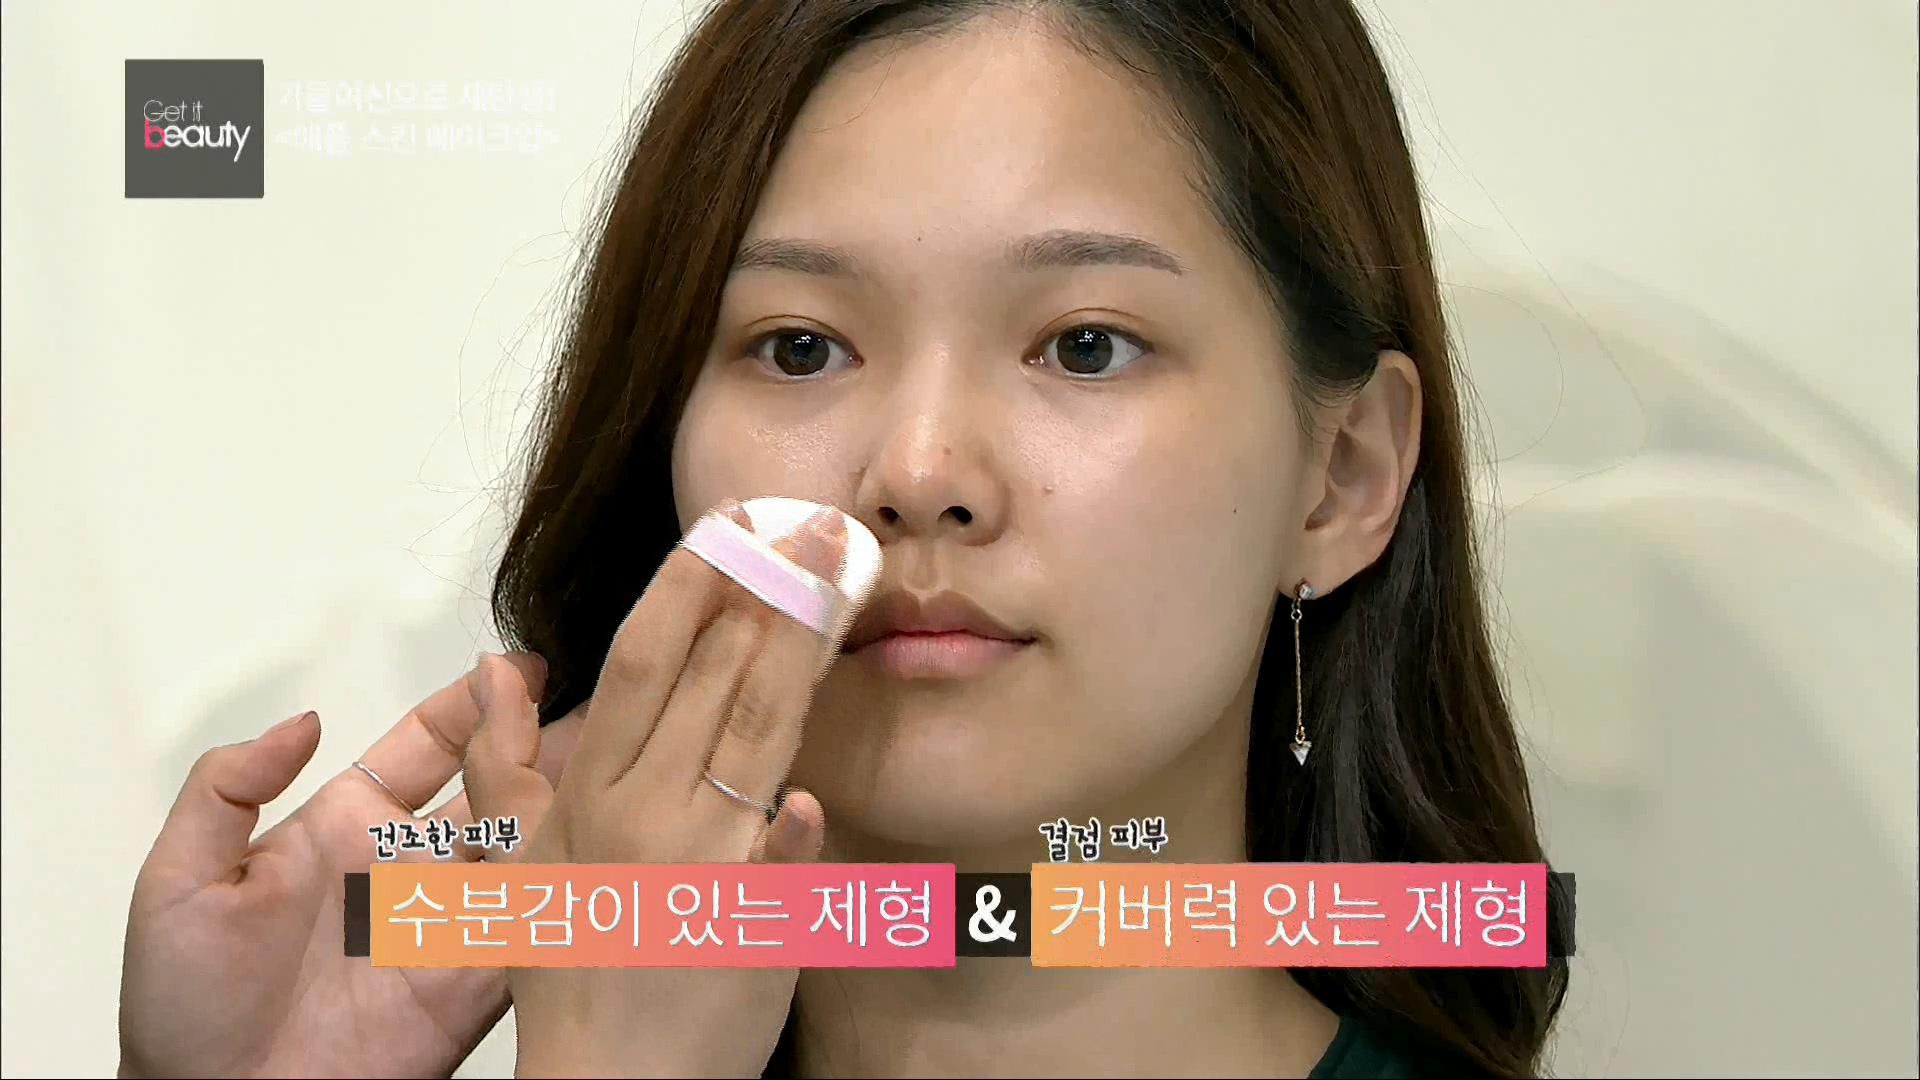 파운데이션의 제형을 고르는 팁은 건조한 피부엔 수분감이 있는 제형과 결점 피부는 커버력 있는 제형을 선택해줘요